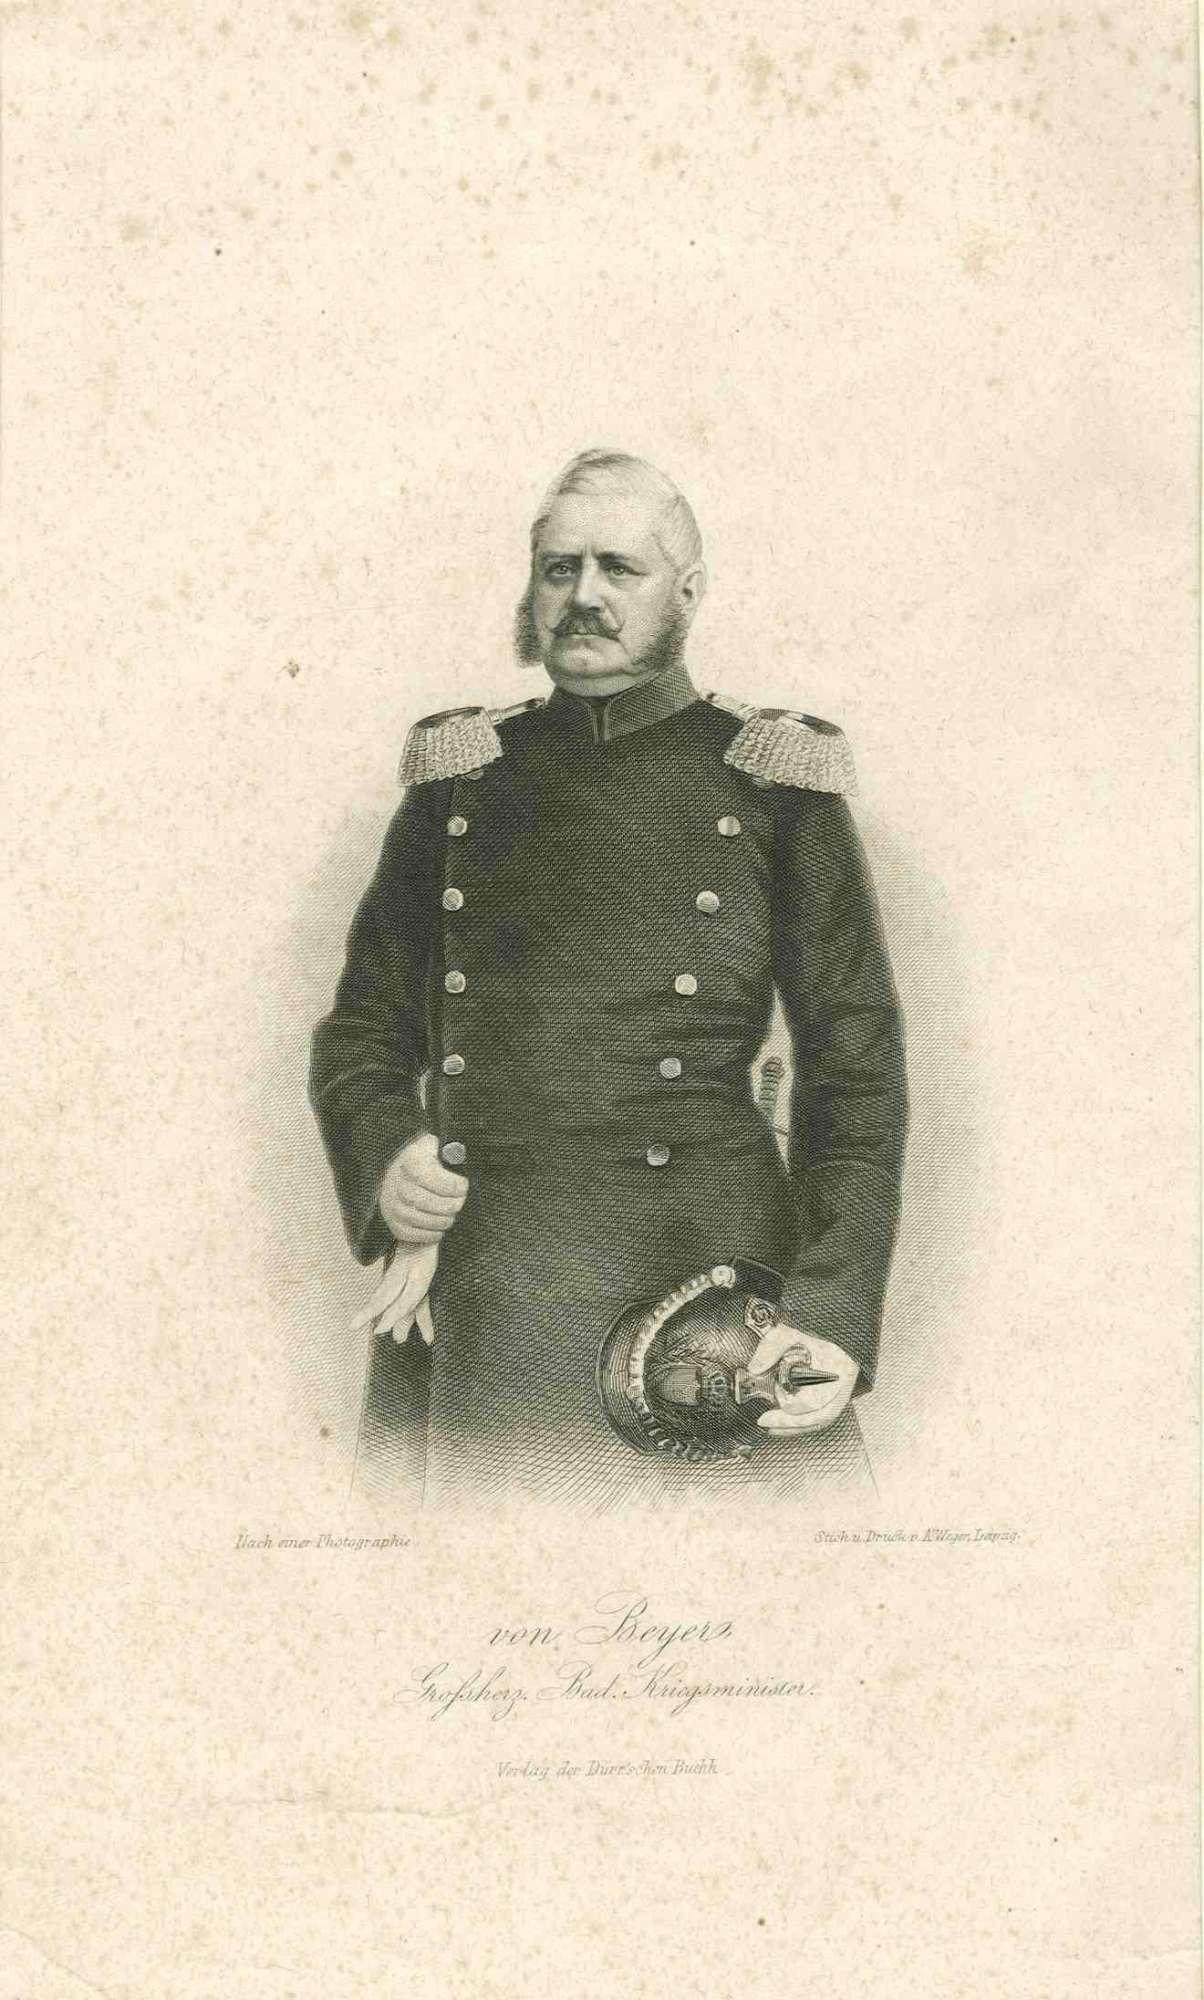 Gustav Friedrich von Beyer, preussischer General, Grossherzoglicher Badischer Kriegsminister, stehend in Uniform mit Pickelhaube, Brustbild in Halbprofil, Bild 1